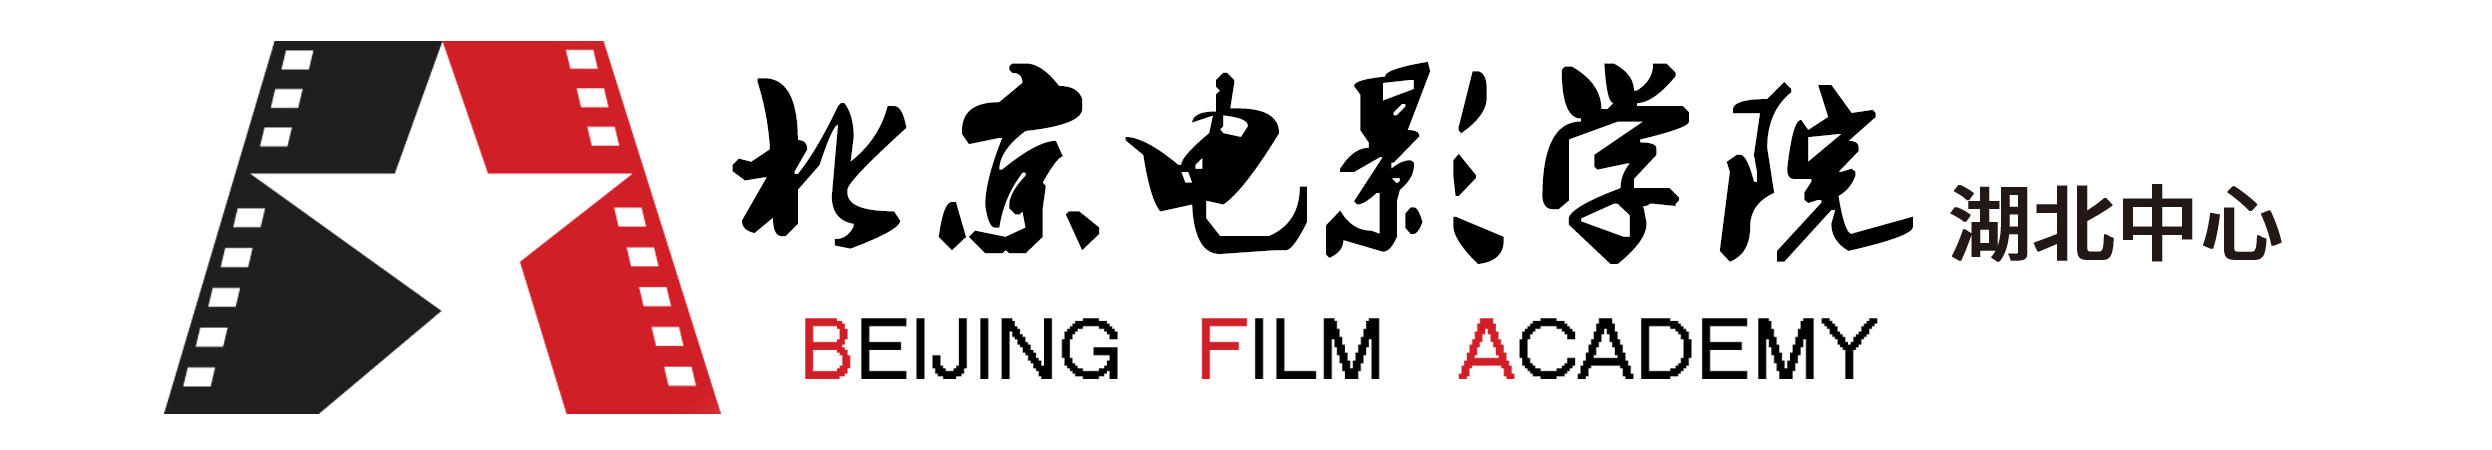 北京电影学院湖北中心